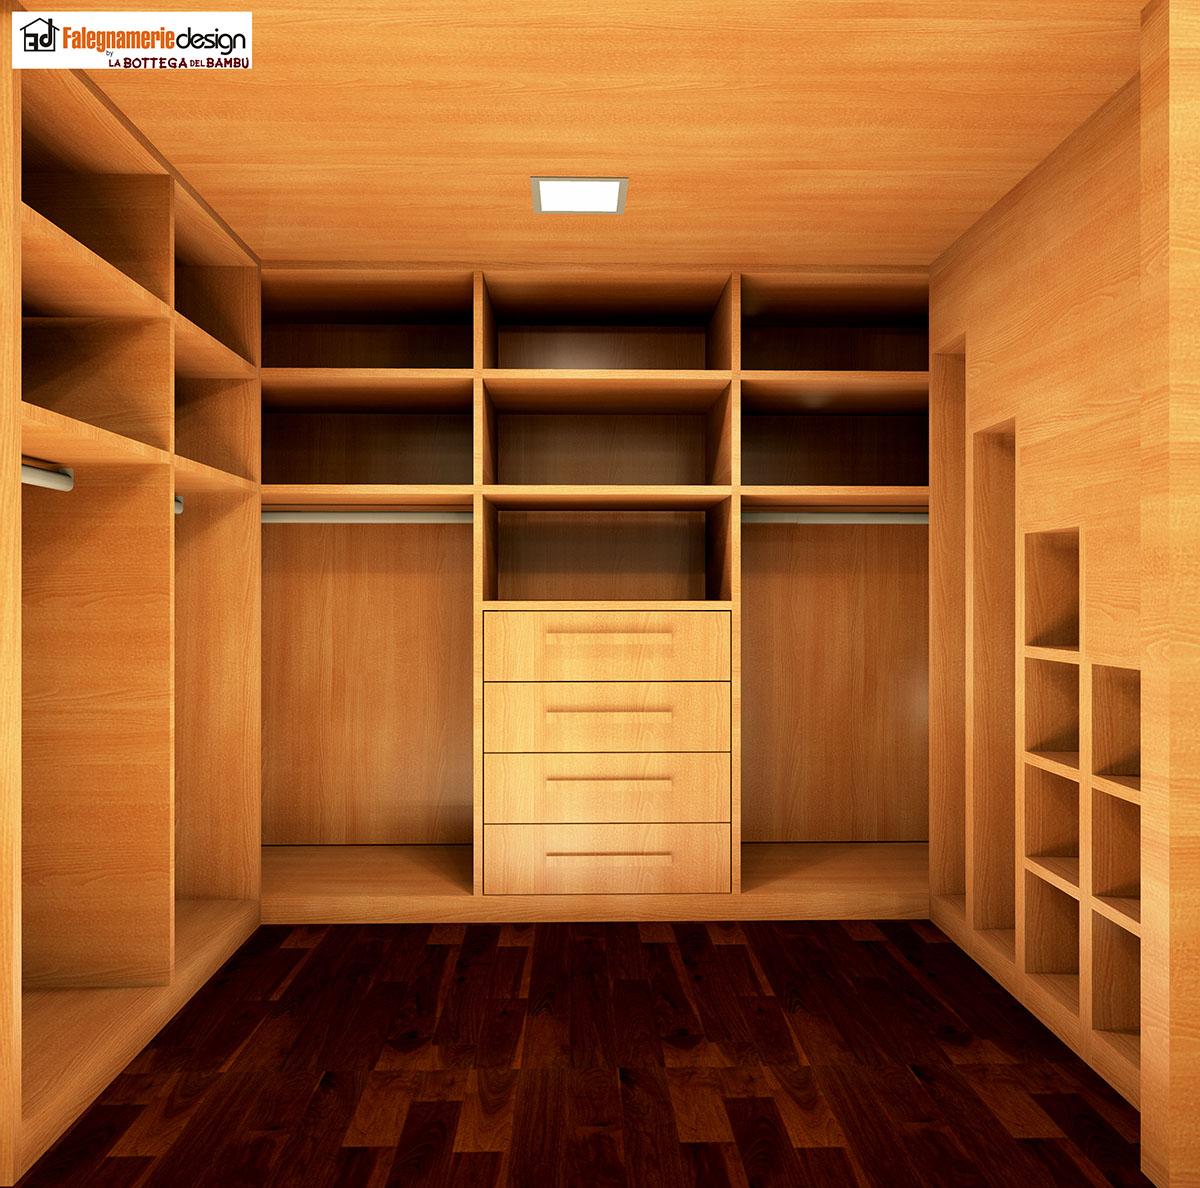 Vista interno cabina armadio soppalco arredamenti e - Armadio interno ...